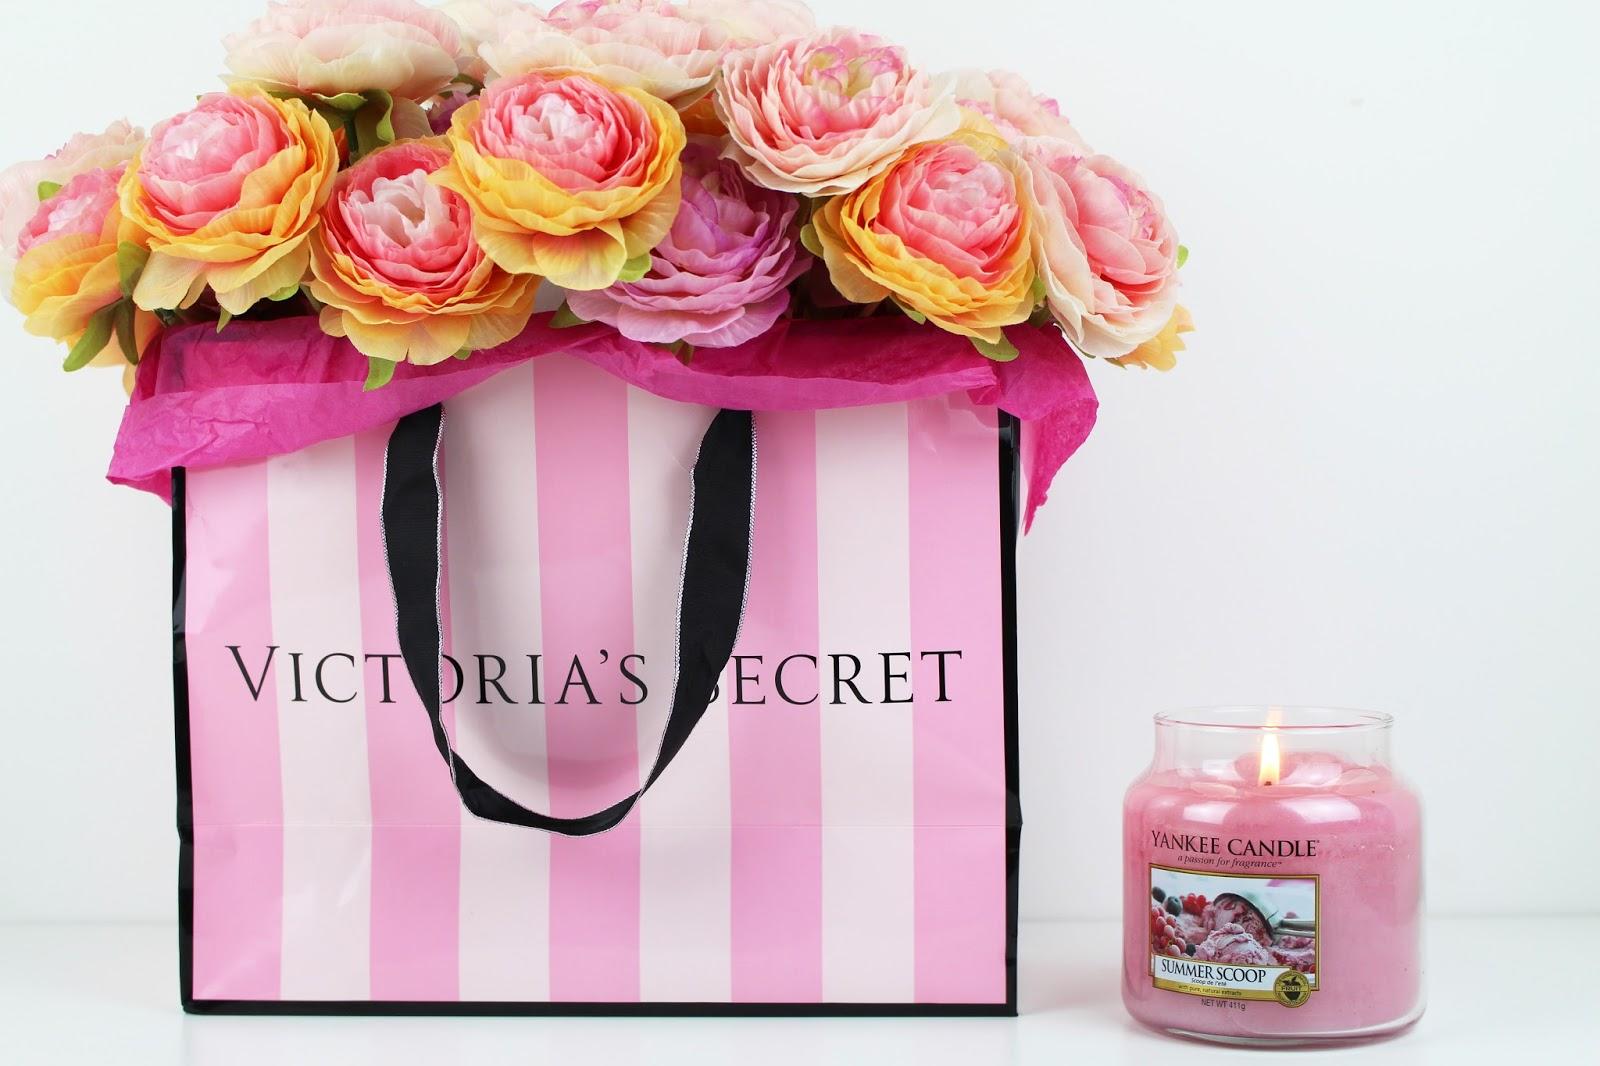 Victoria secret home decor